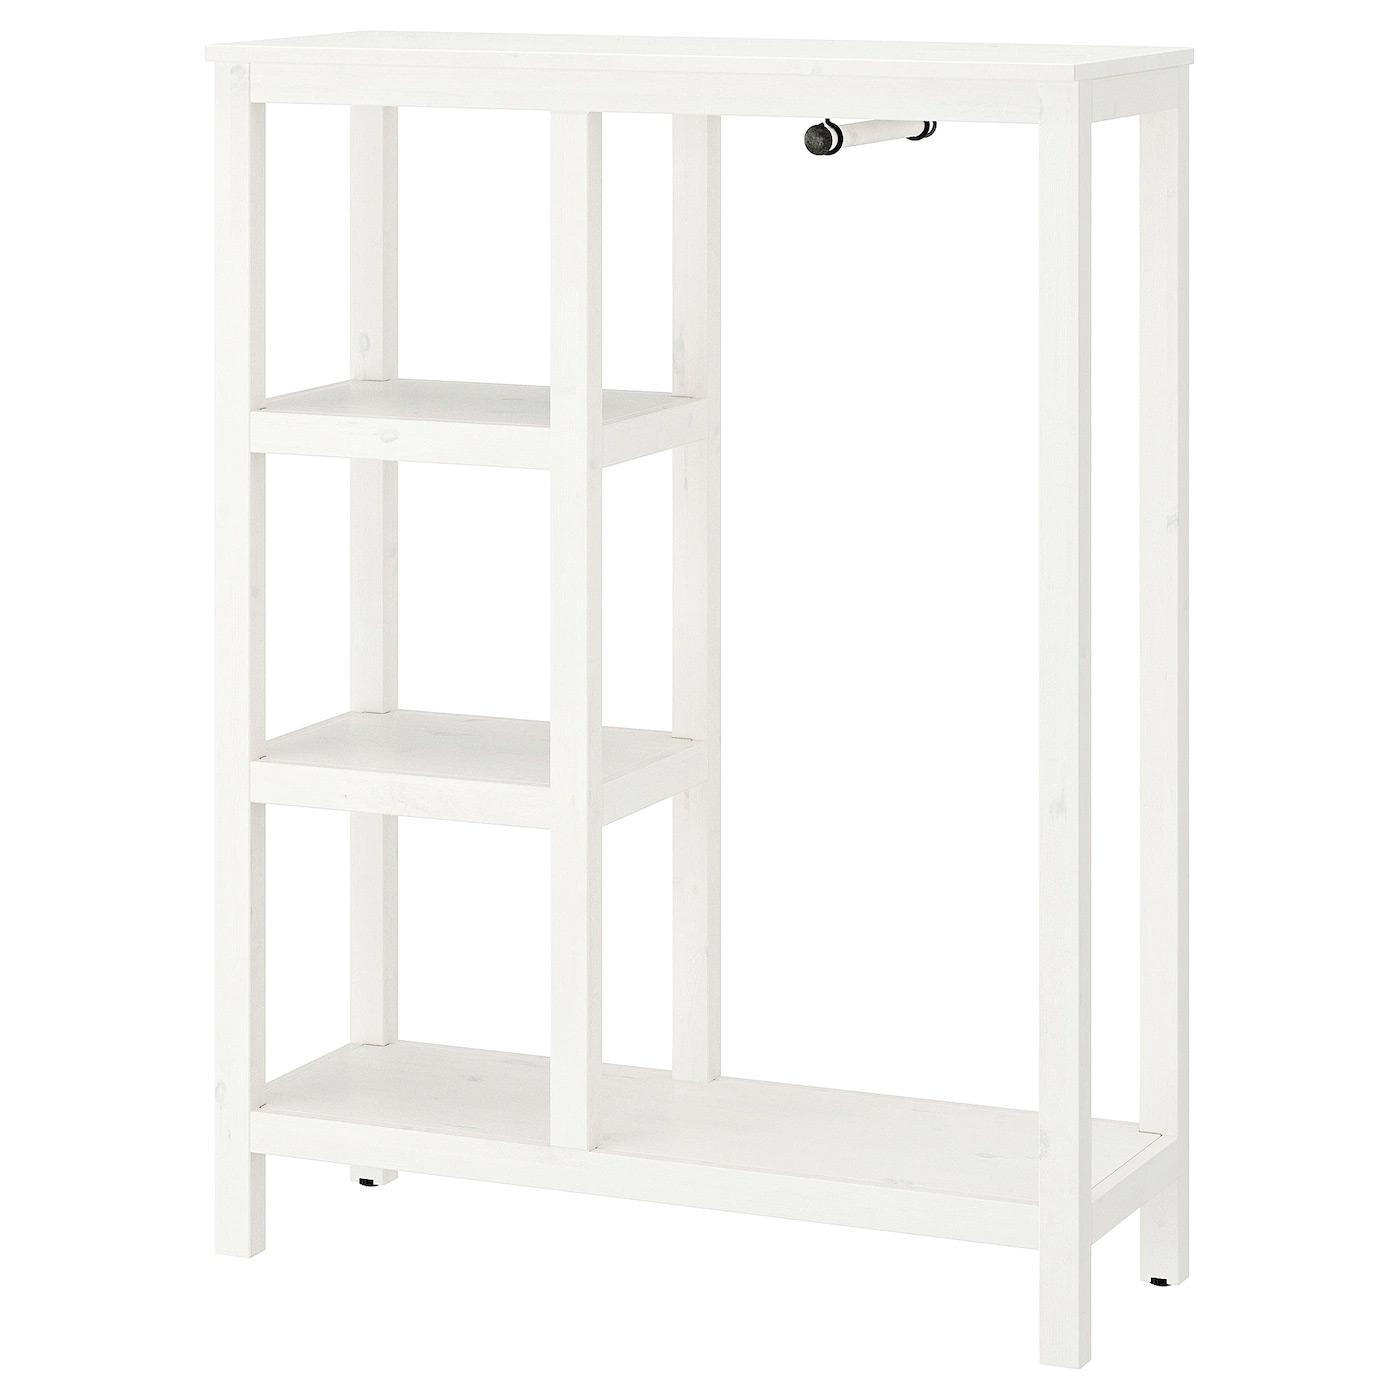 IKEA Hemnes Offene Schränke [beinhaltet werbung]